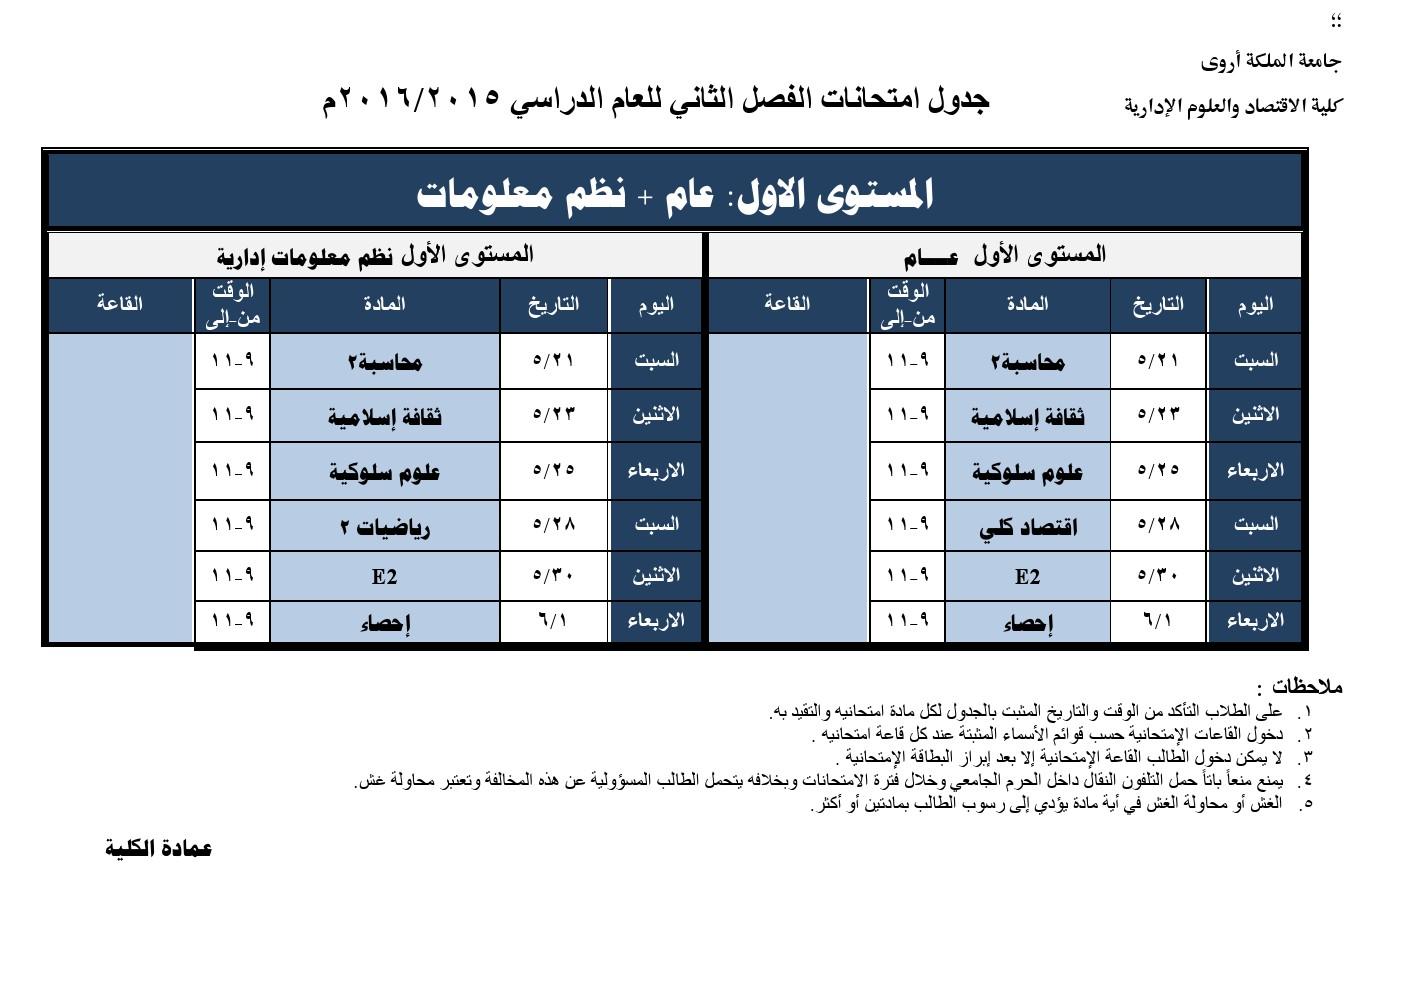 كلية التجارة - جدول امتحانات الفصل الدراسي الثاني للعام 2015-2016